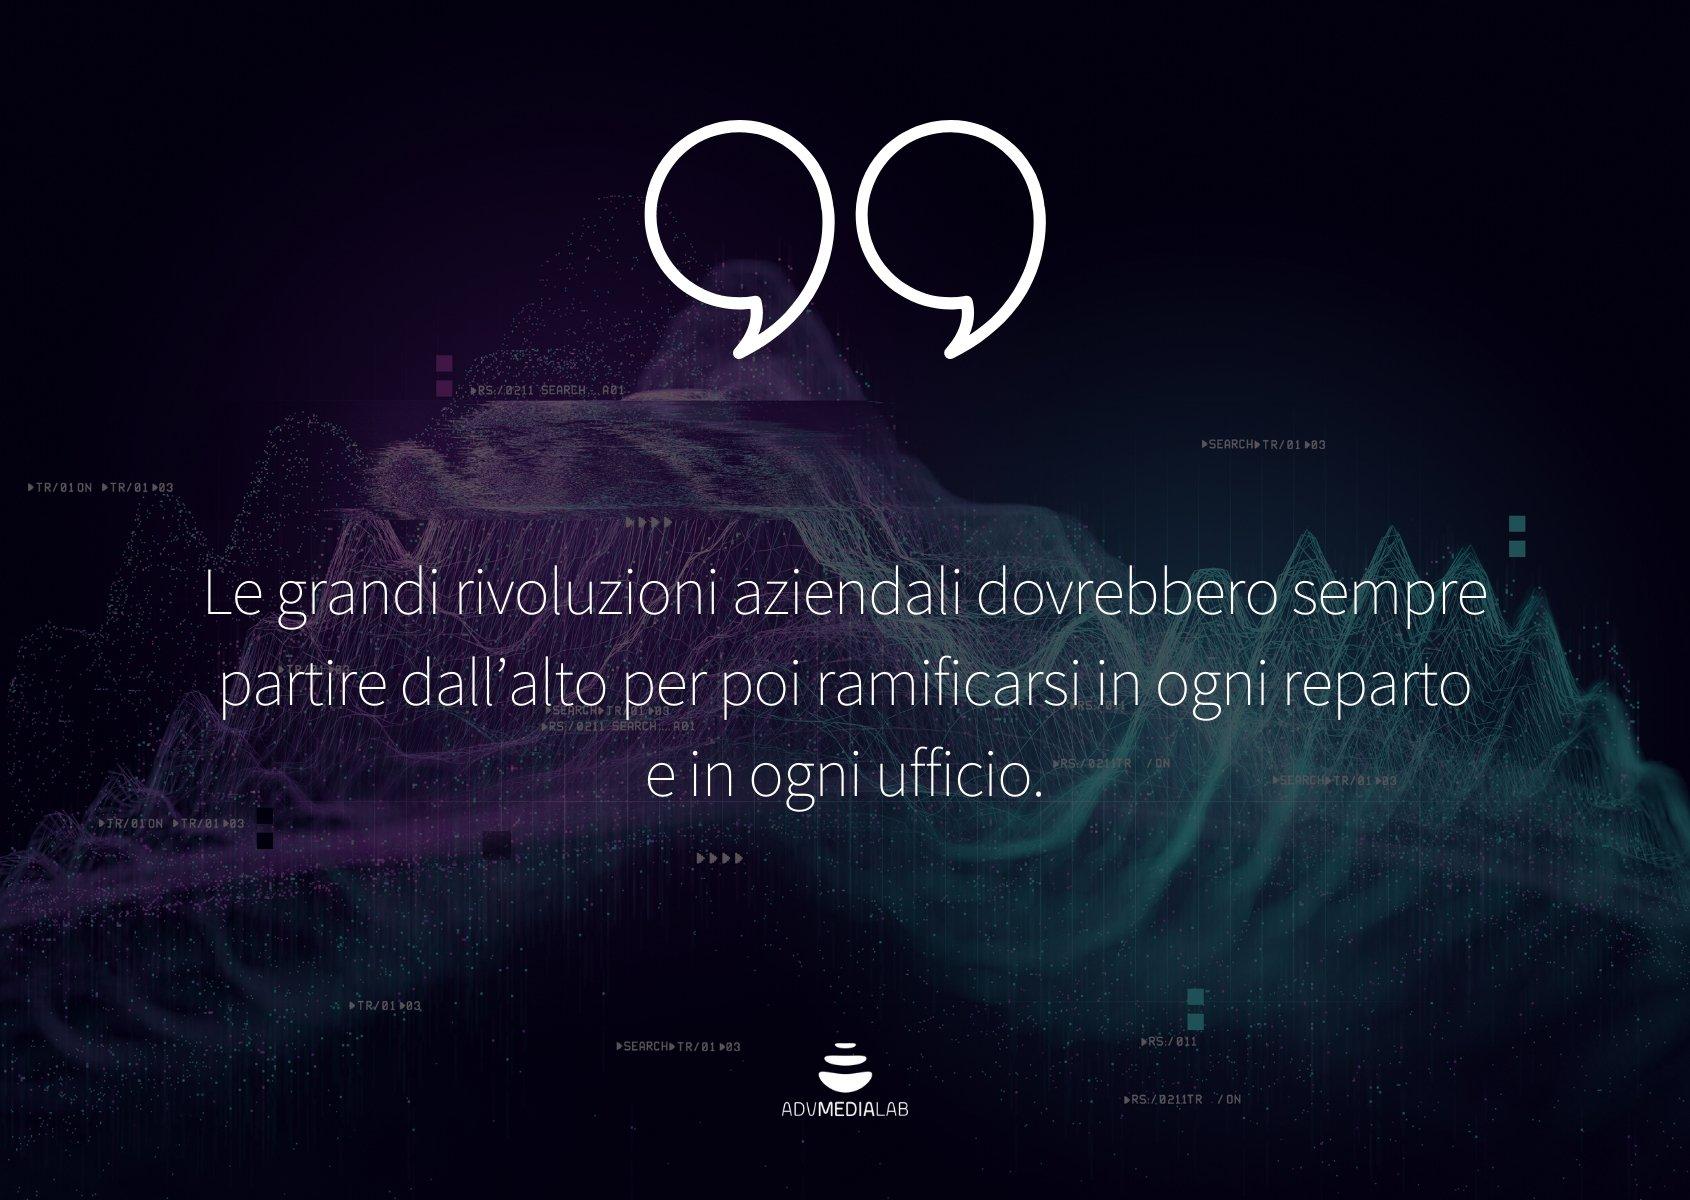 Cultura-data-drive-quote3